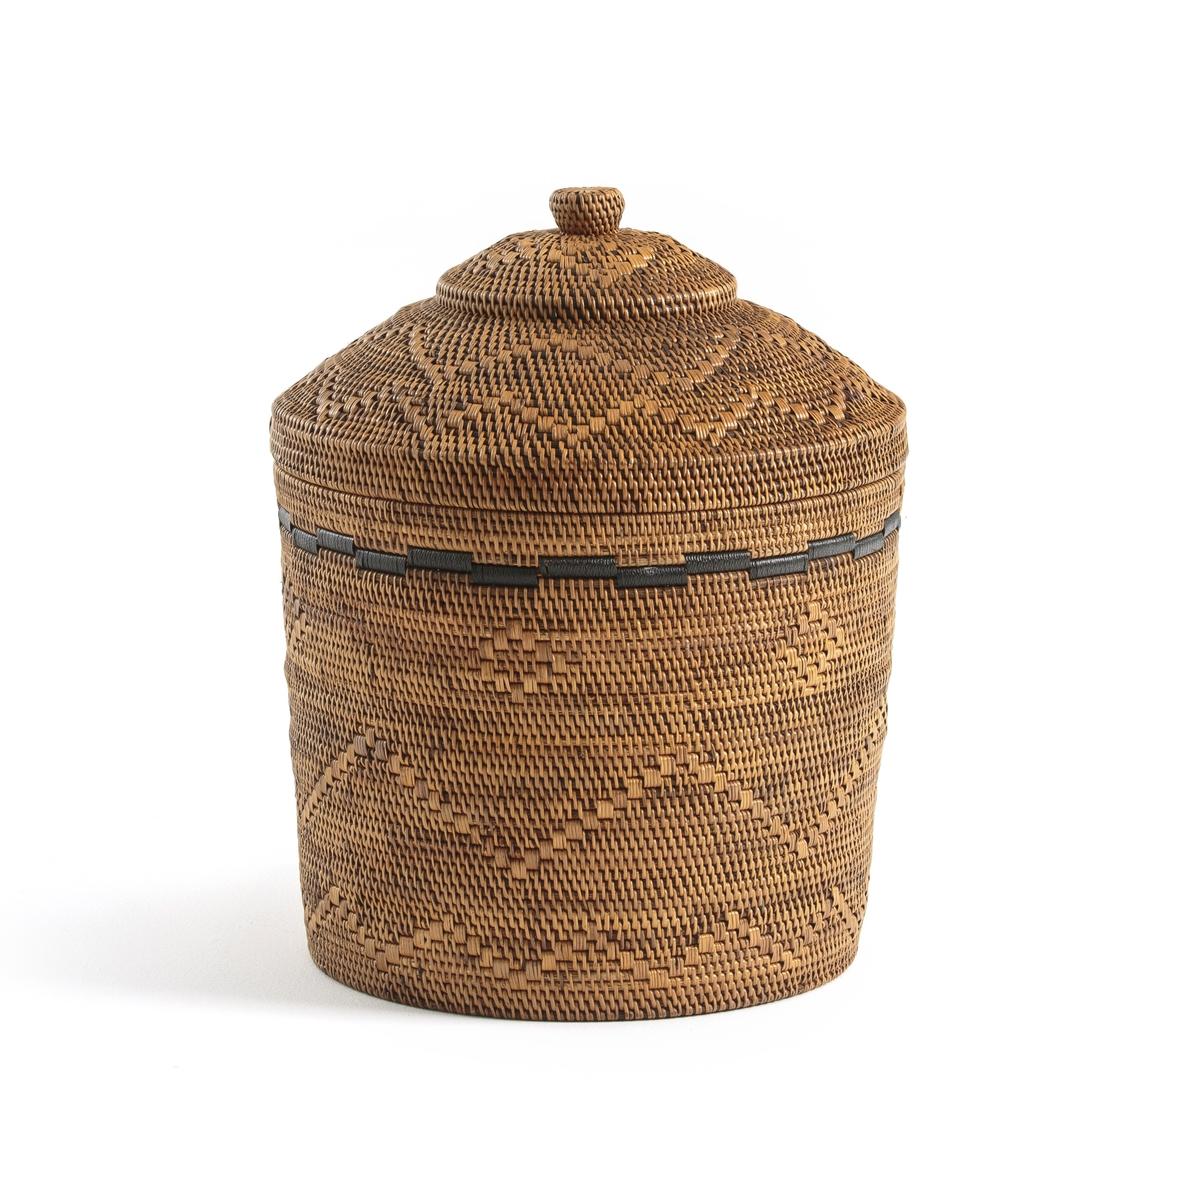 Корзина LaRedoute 40 x В50 см из бамбука и плетеного ротанга Brazil единый размер каштановый